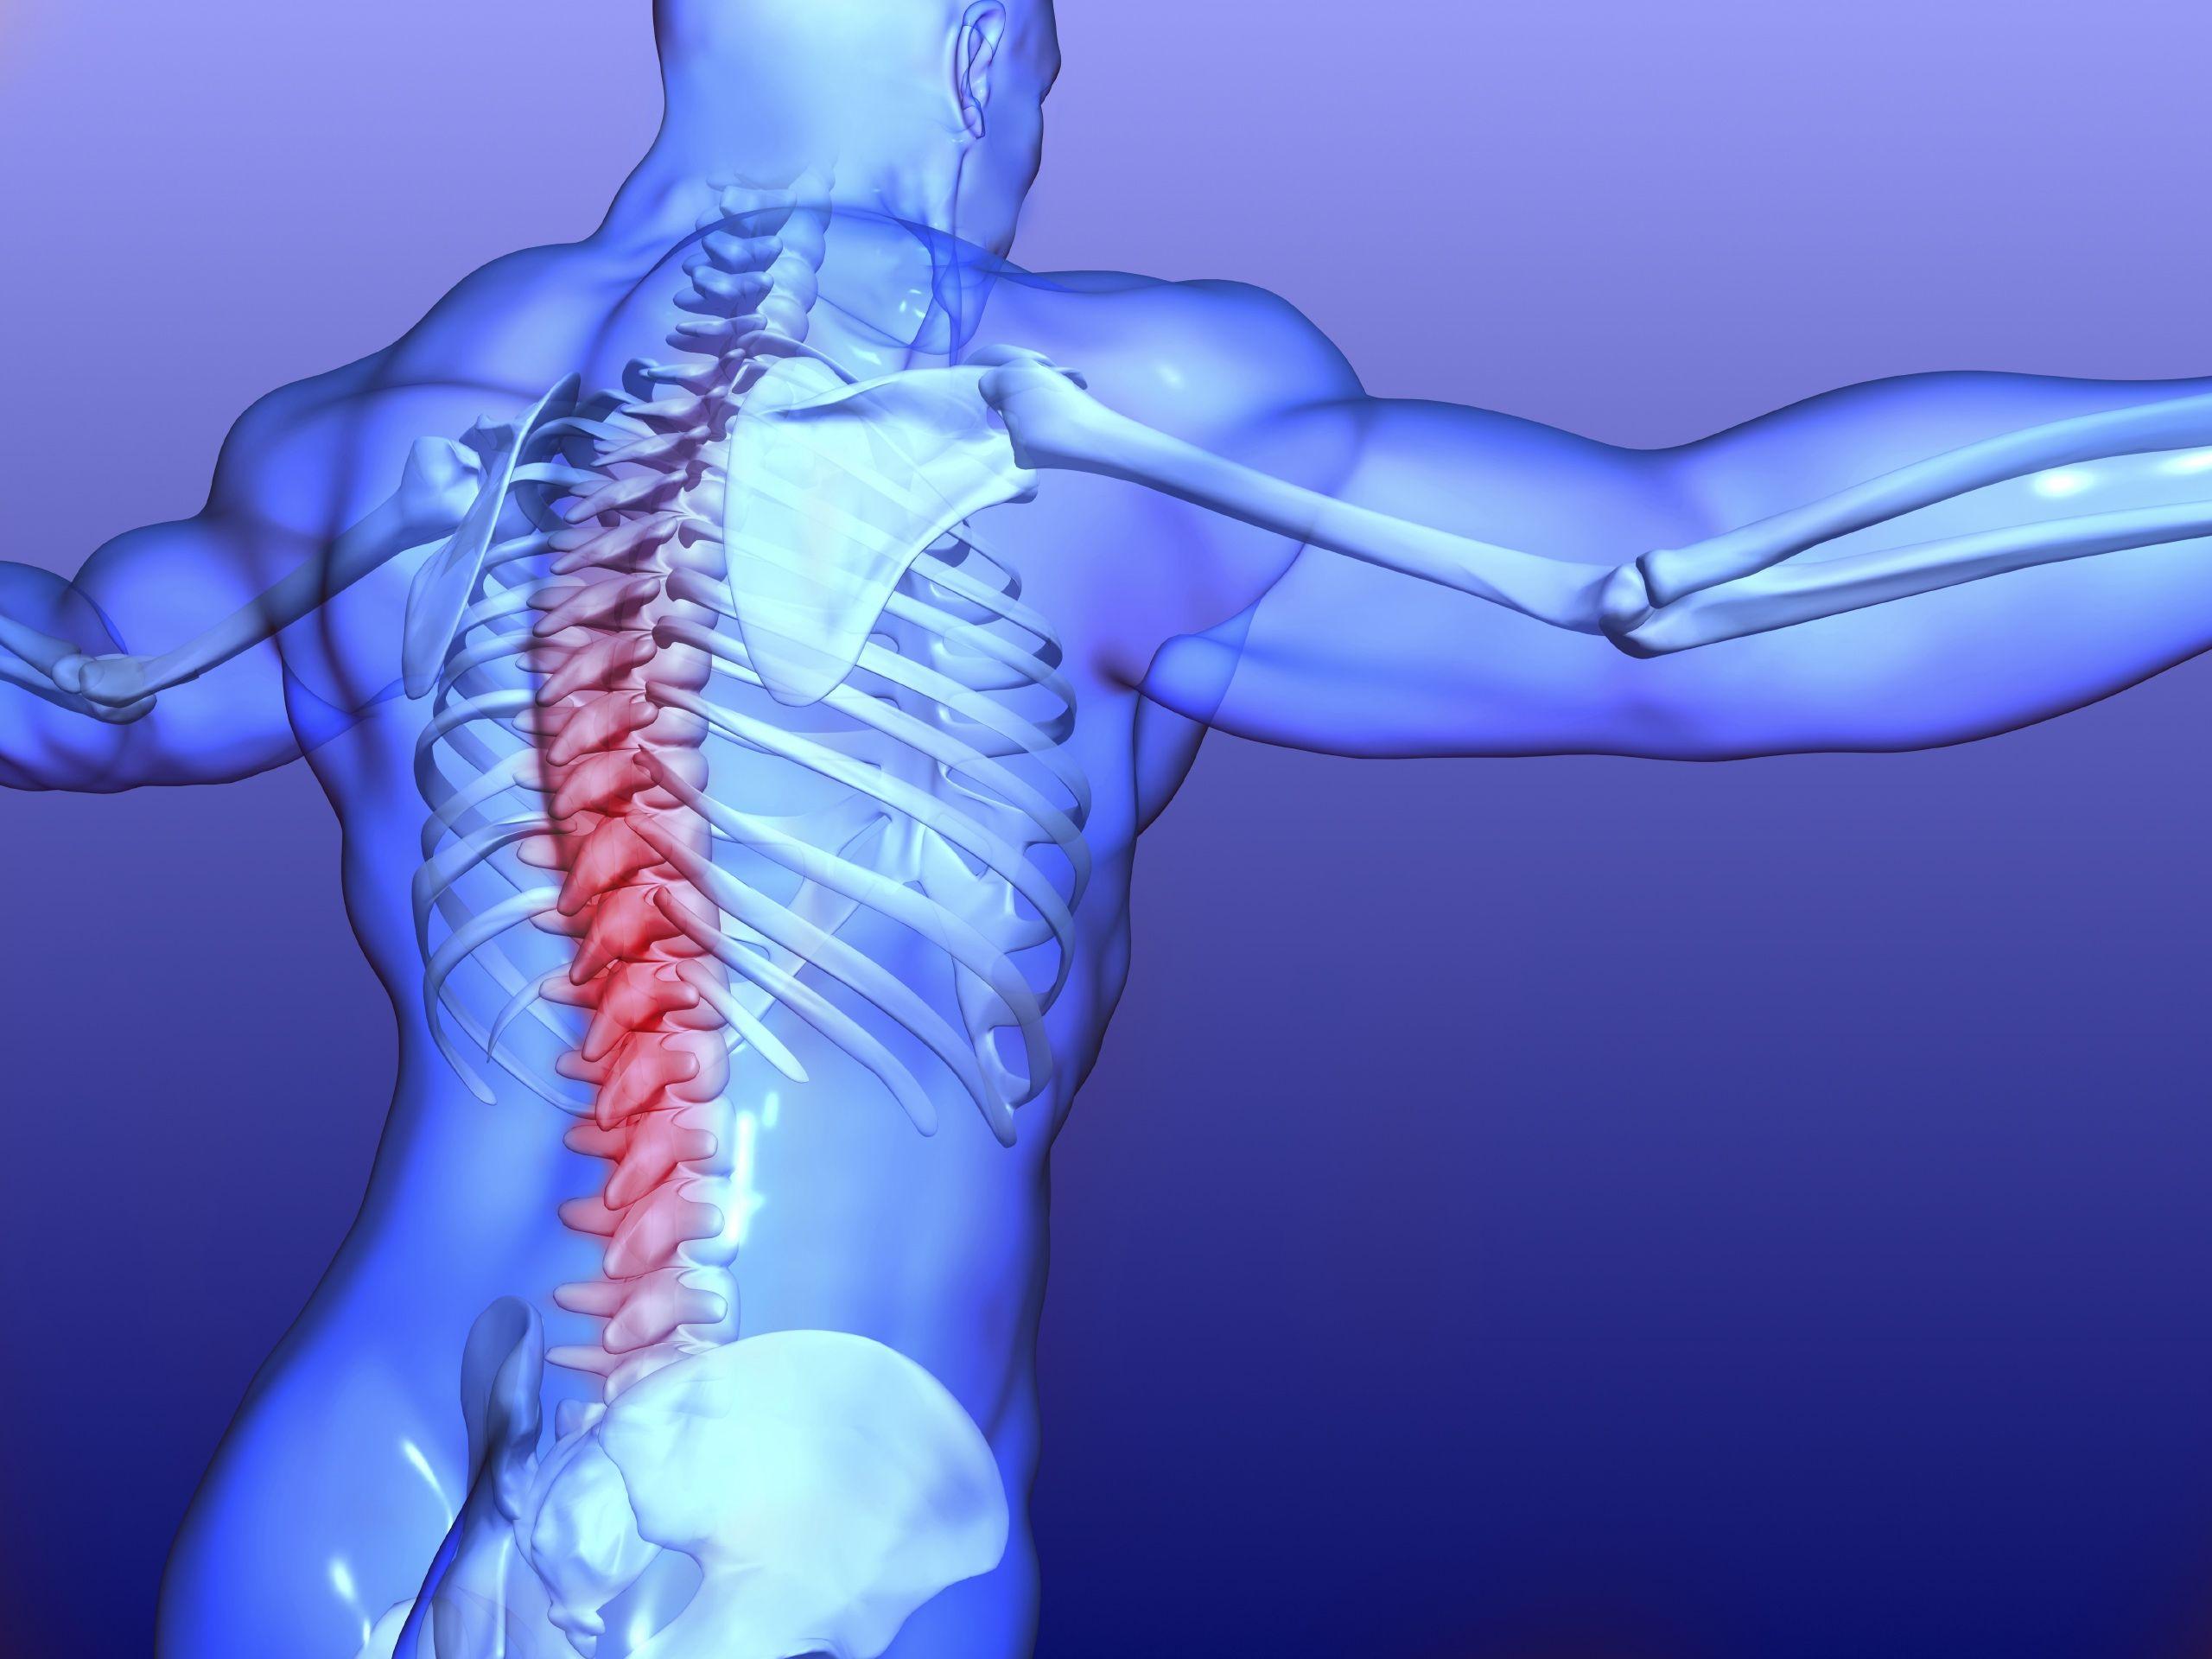 Отчего возникает дорсалгия грудного отдела позвоночника